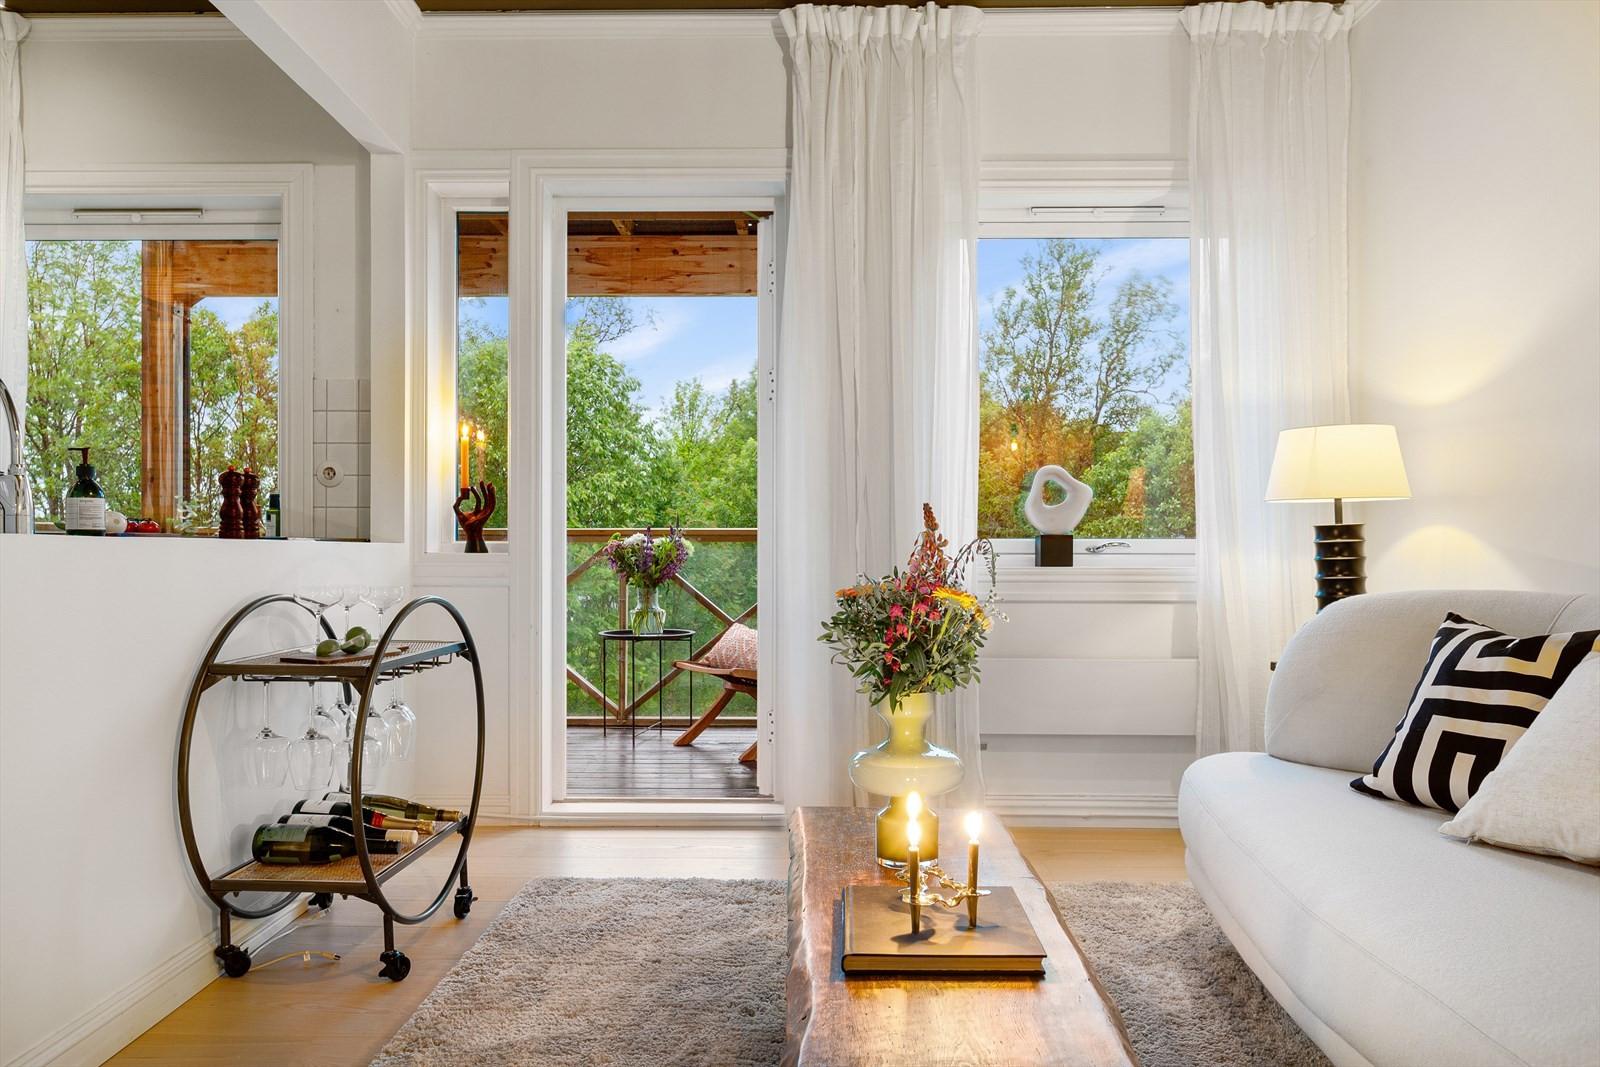 Mange vindusflater slipper inn rikelige mengder med naturlig lys i rommet og gjør at utsikten kan nytes også inne i leiligheten.